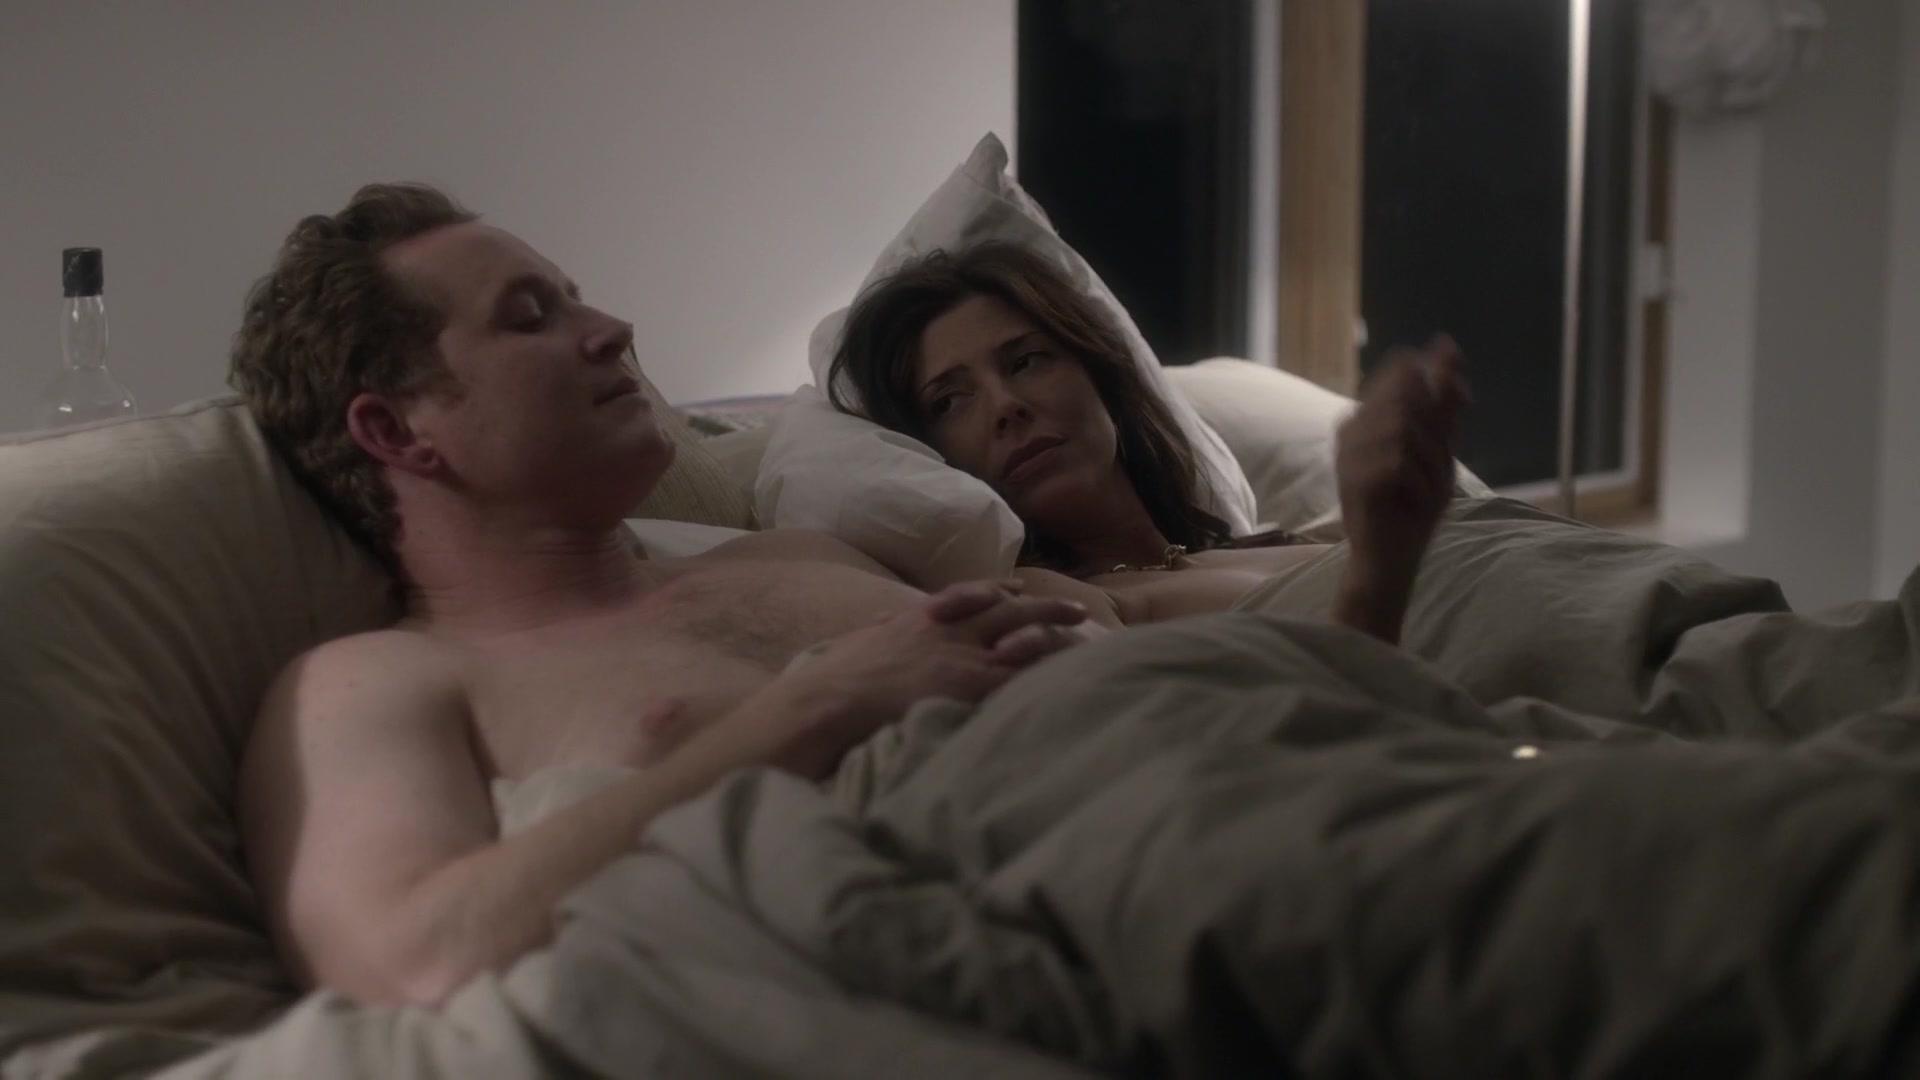 Cindy sampson nude sex